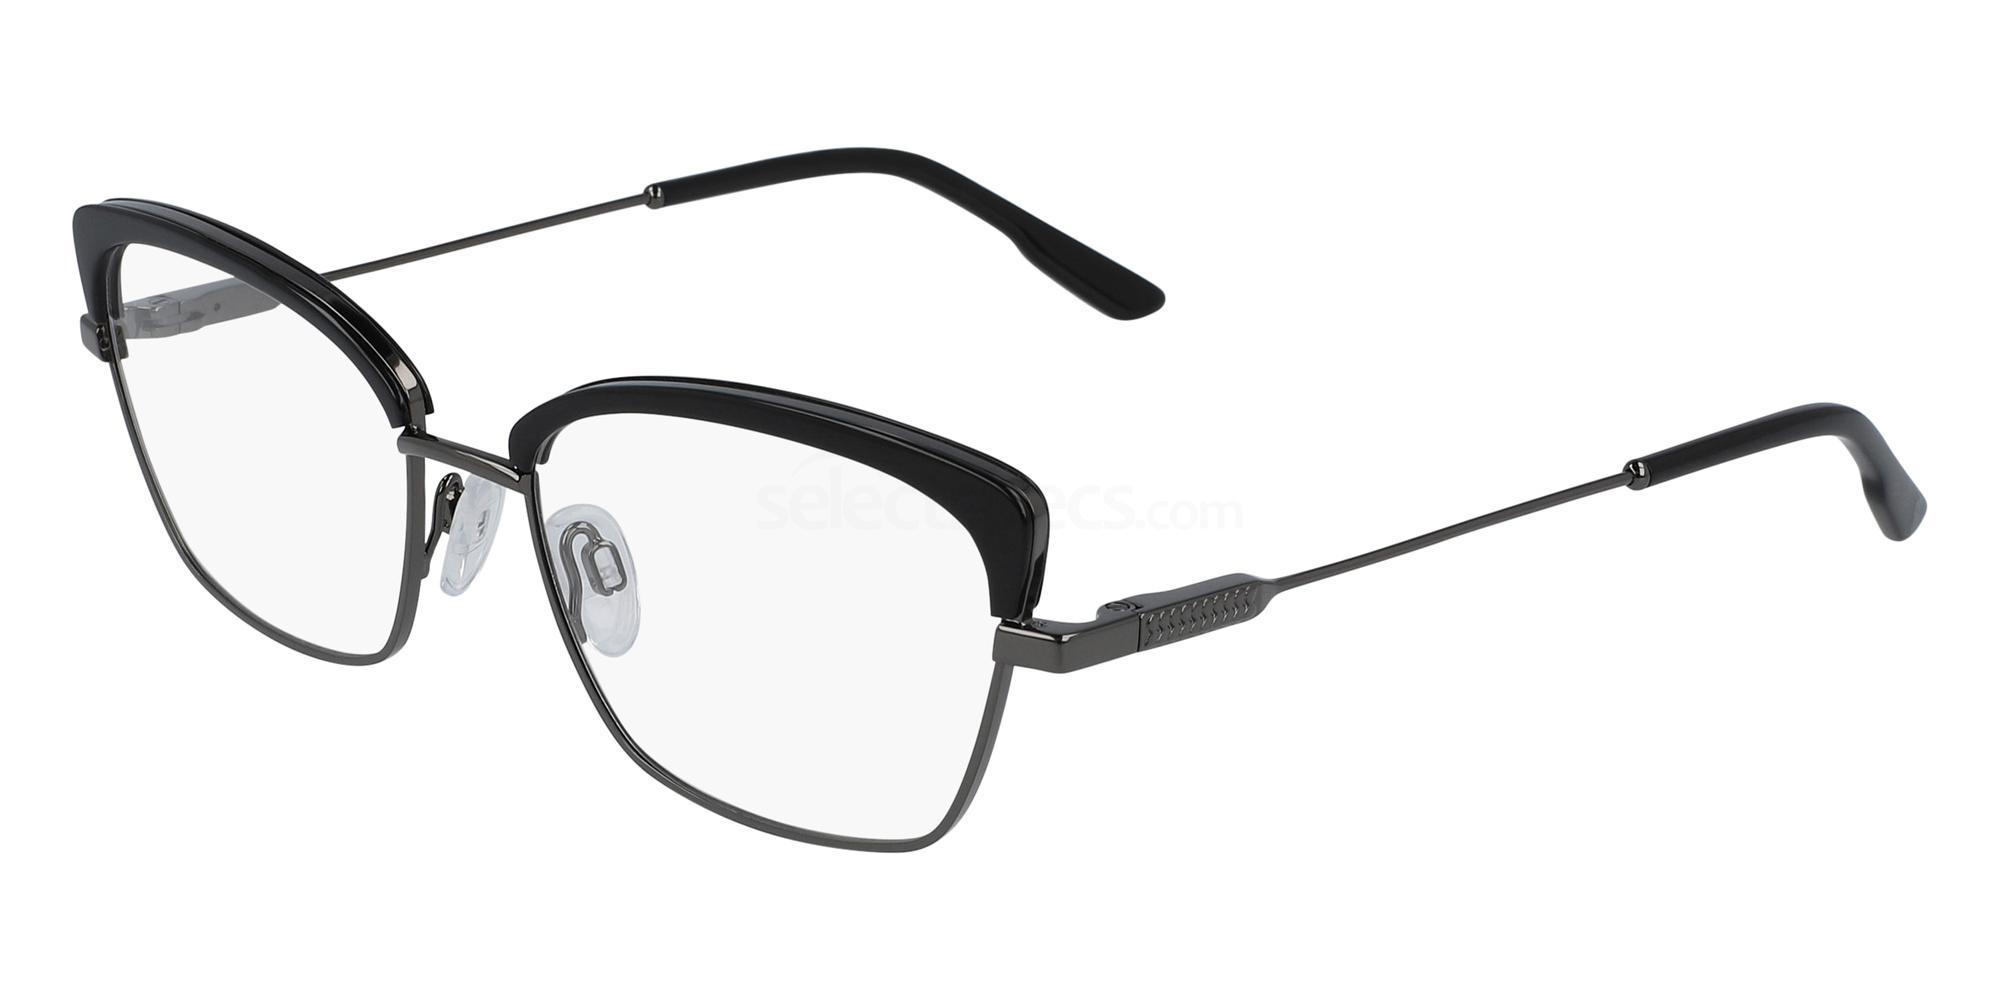 033 SK2102 SKOGSKLOCKA Glasses, Skaga